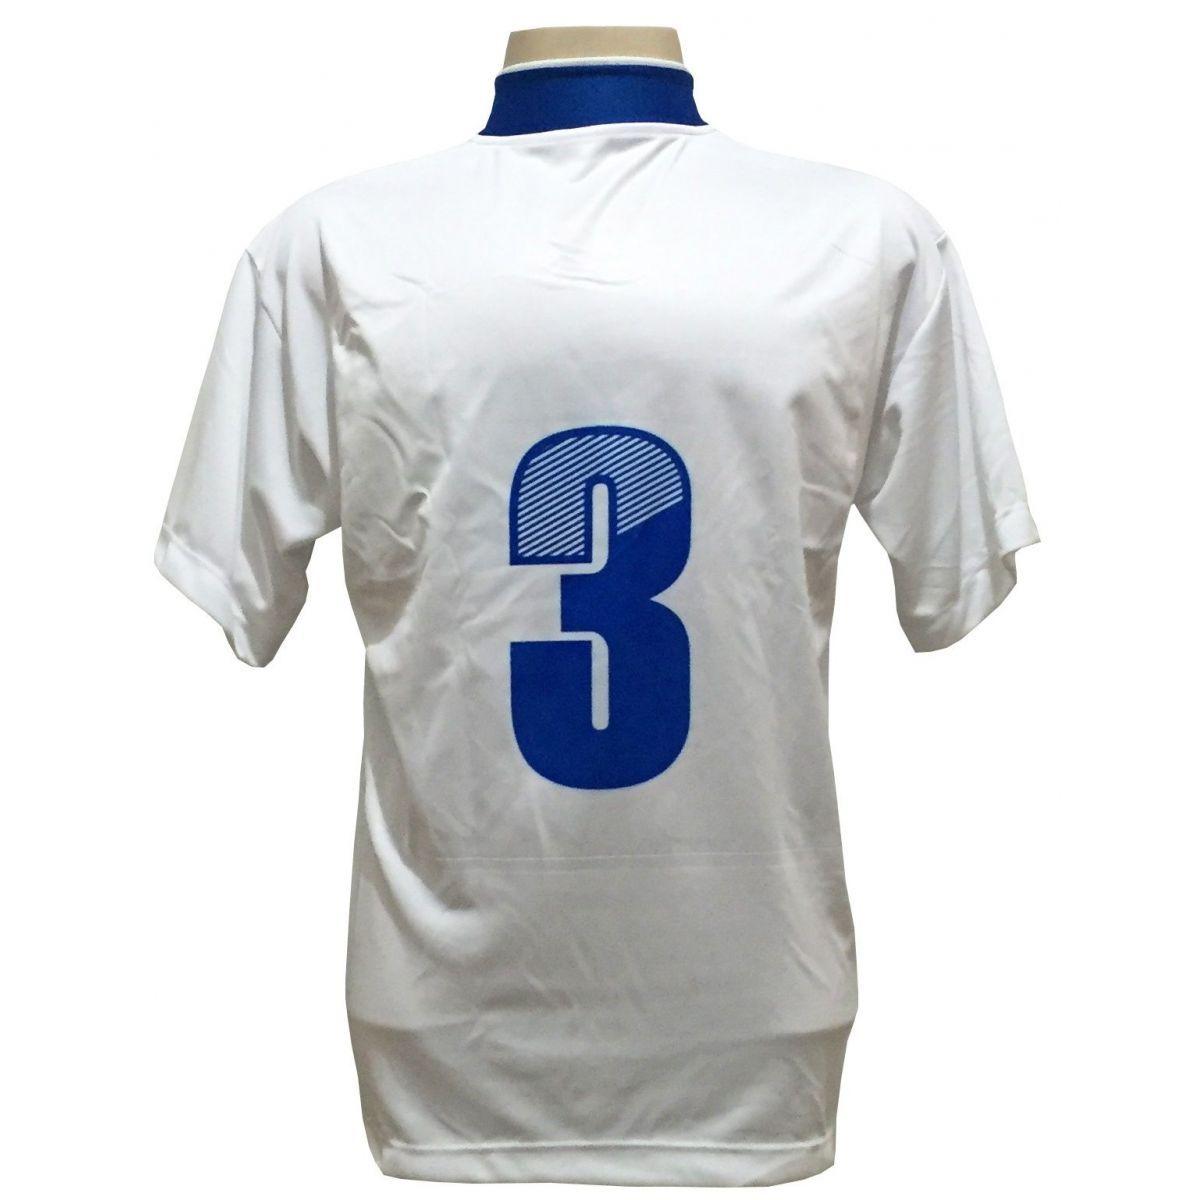 Jogo de Camisa com 14 unidades modelo Suécia Branco/Royal + 1 Camisa de Goleiro